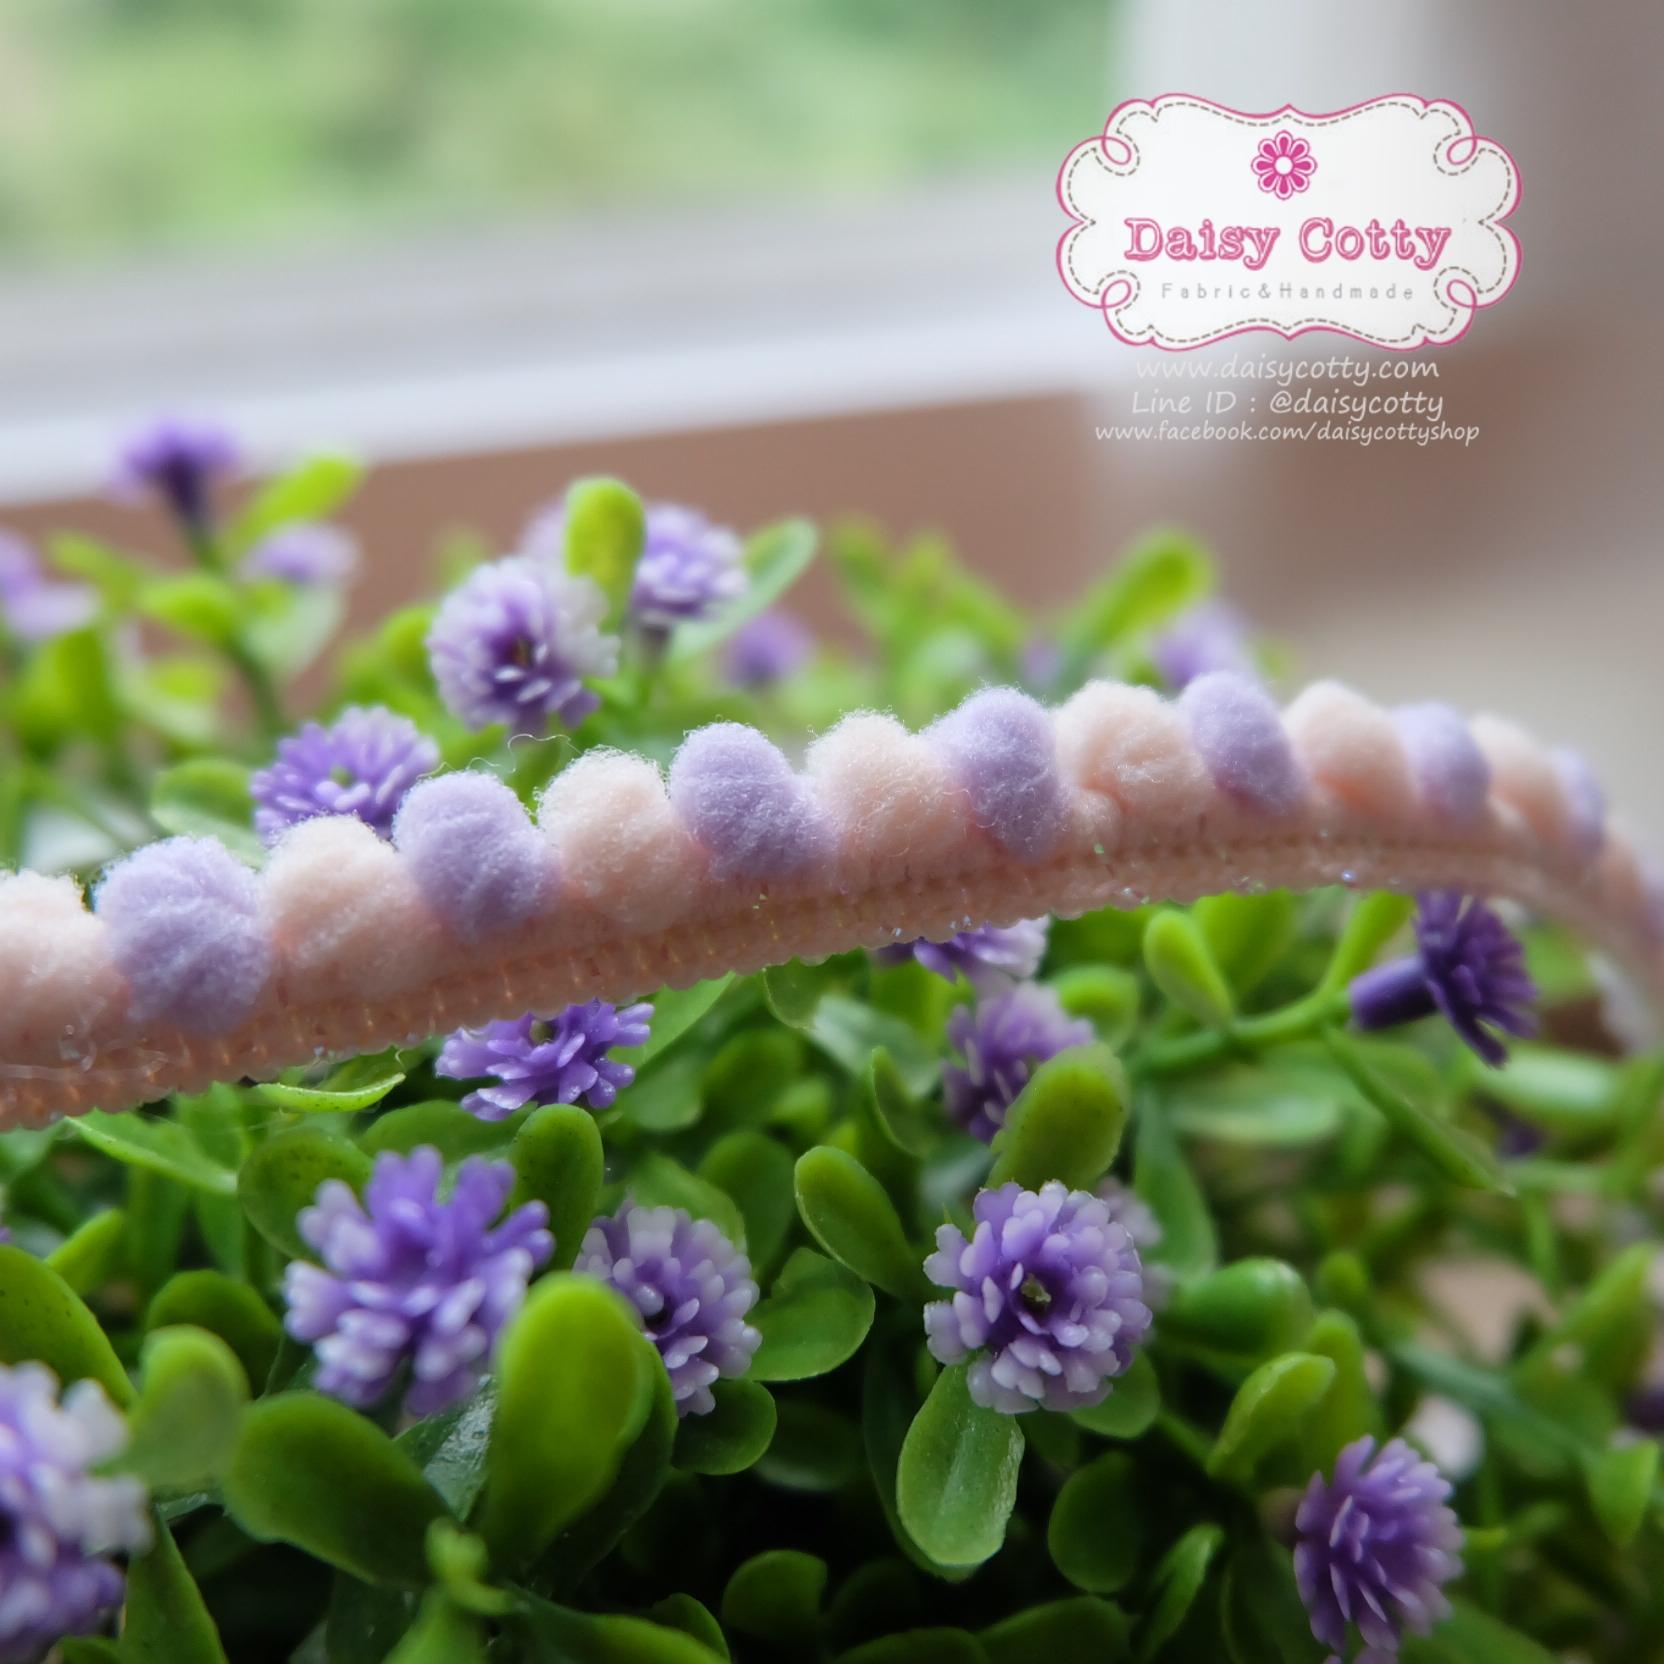 ลูกไม้แต่งตุ้มเล็ก สีม่วงโอรส แบ่งขายเป็นหลา